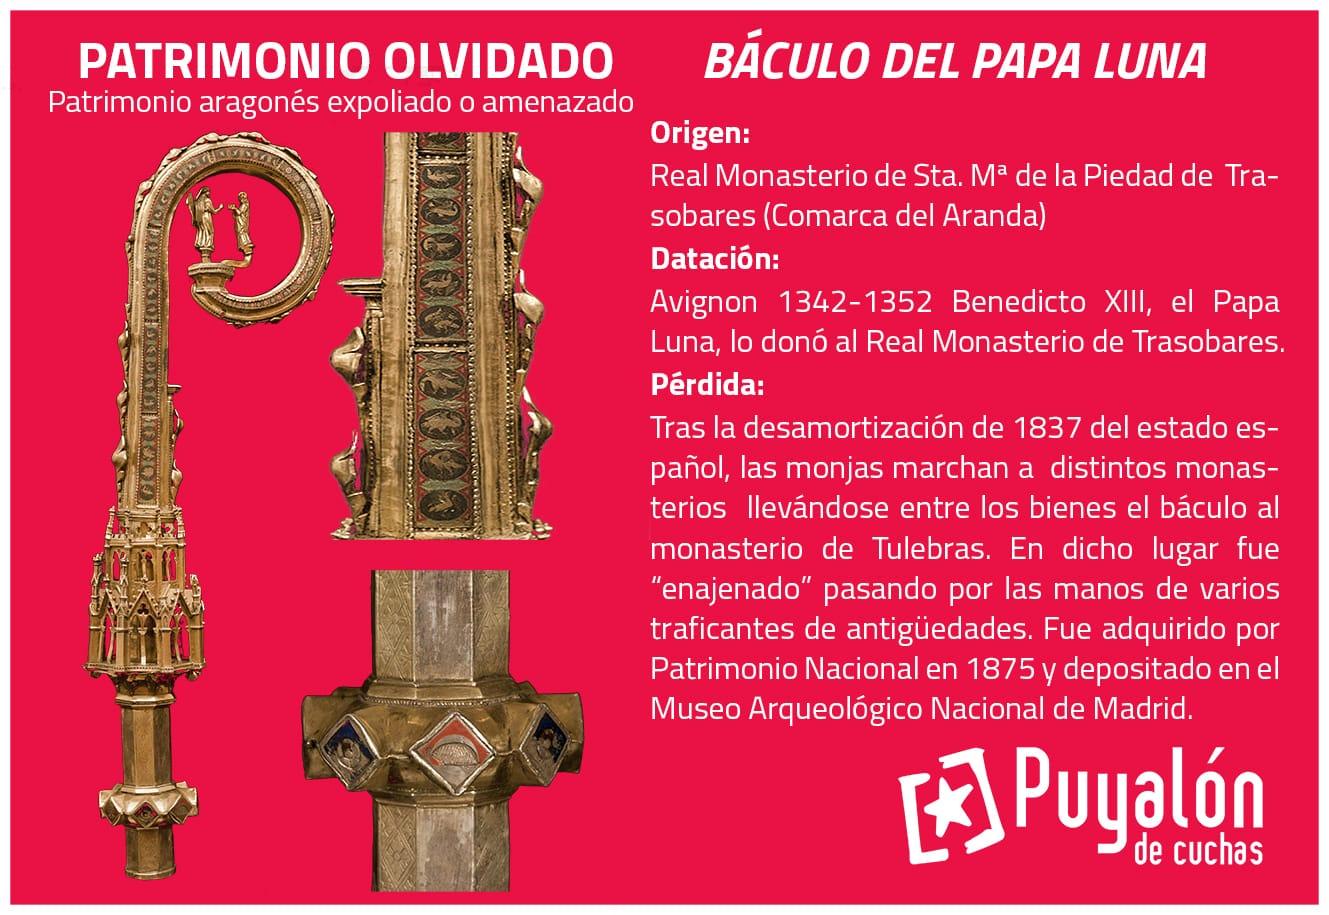 patrimonio expoliado váculo Papa Luna Benedicto XIII